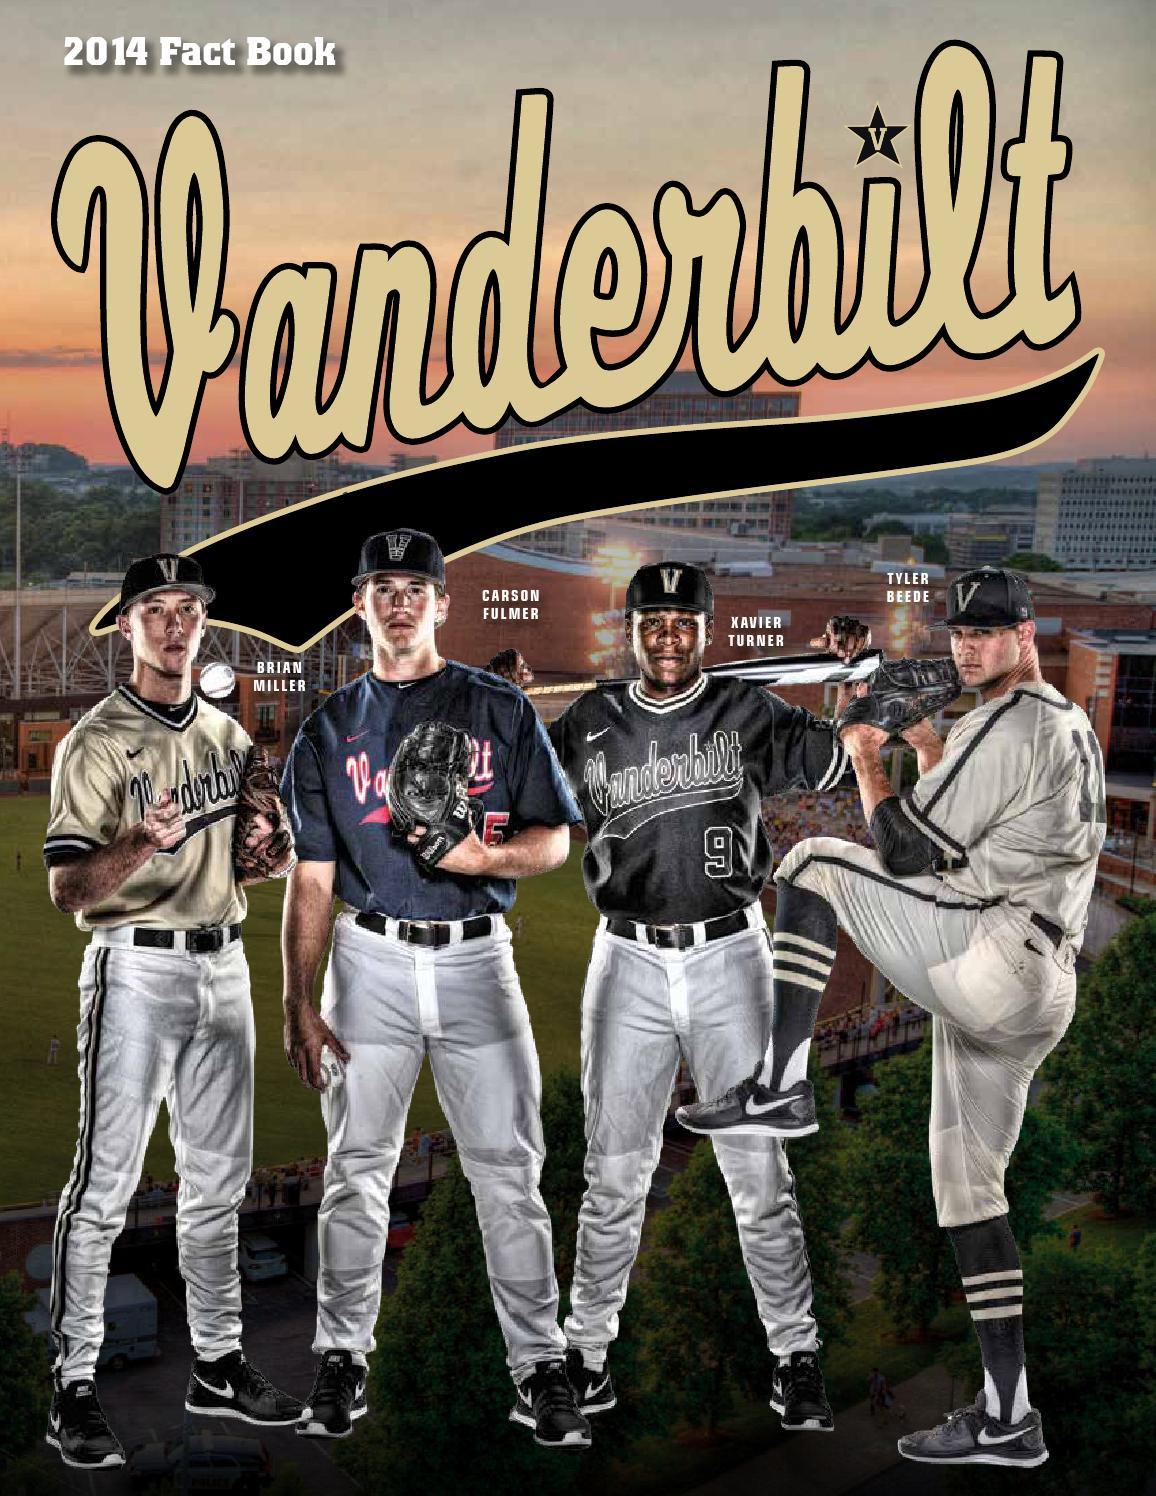 2014 vanderbilt baseball fact book by vanderbilt